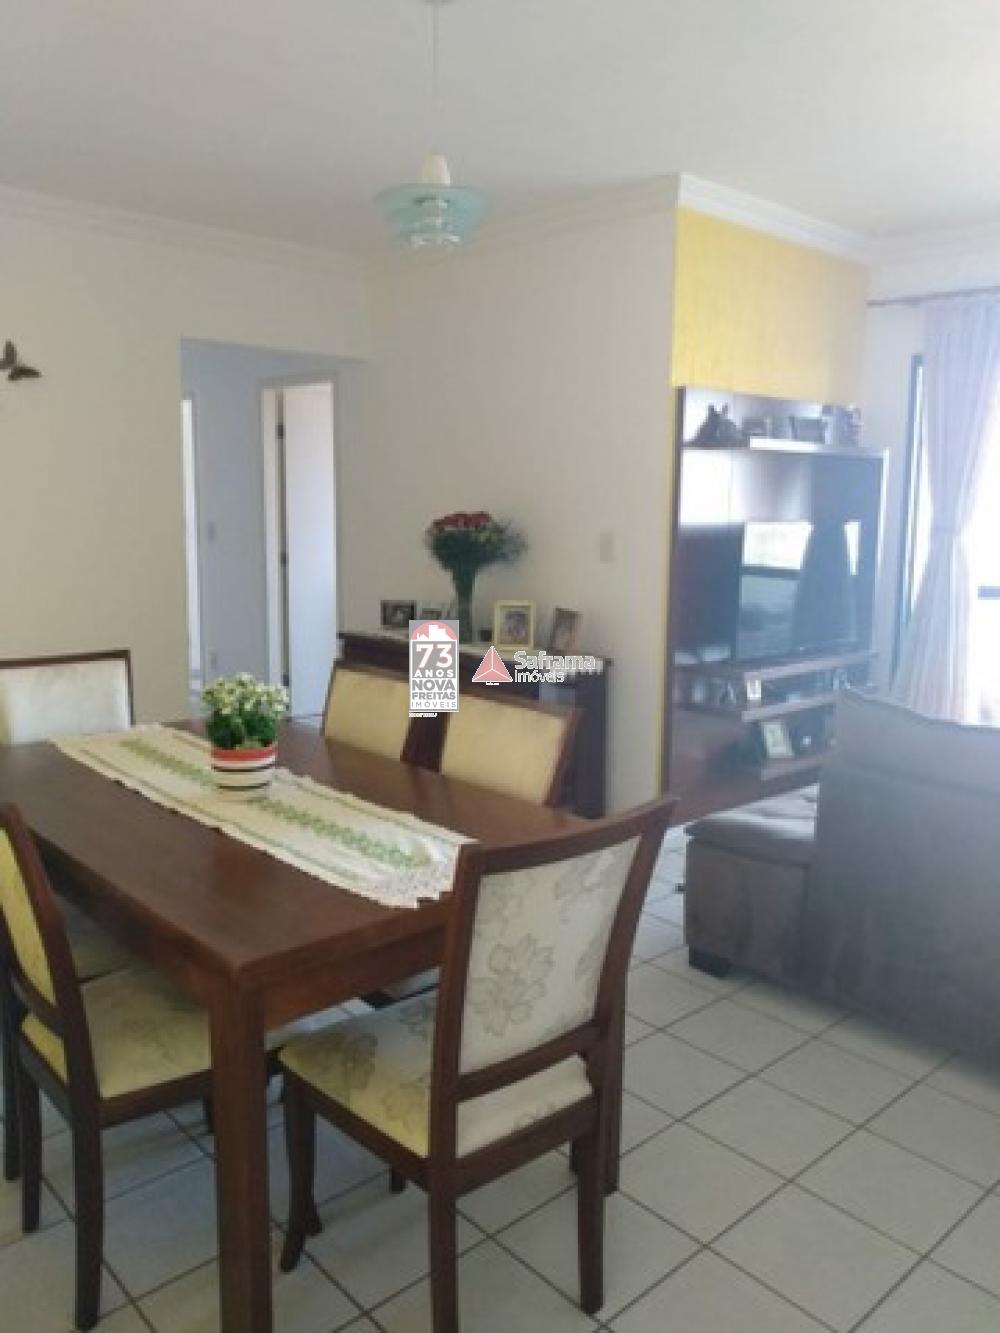 Comprar Apartamento / Padrão em São José dos Campos R$ 375.000,00 - Foto 1